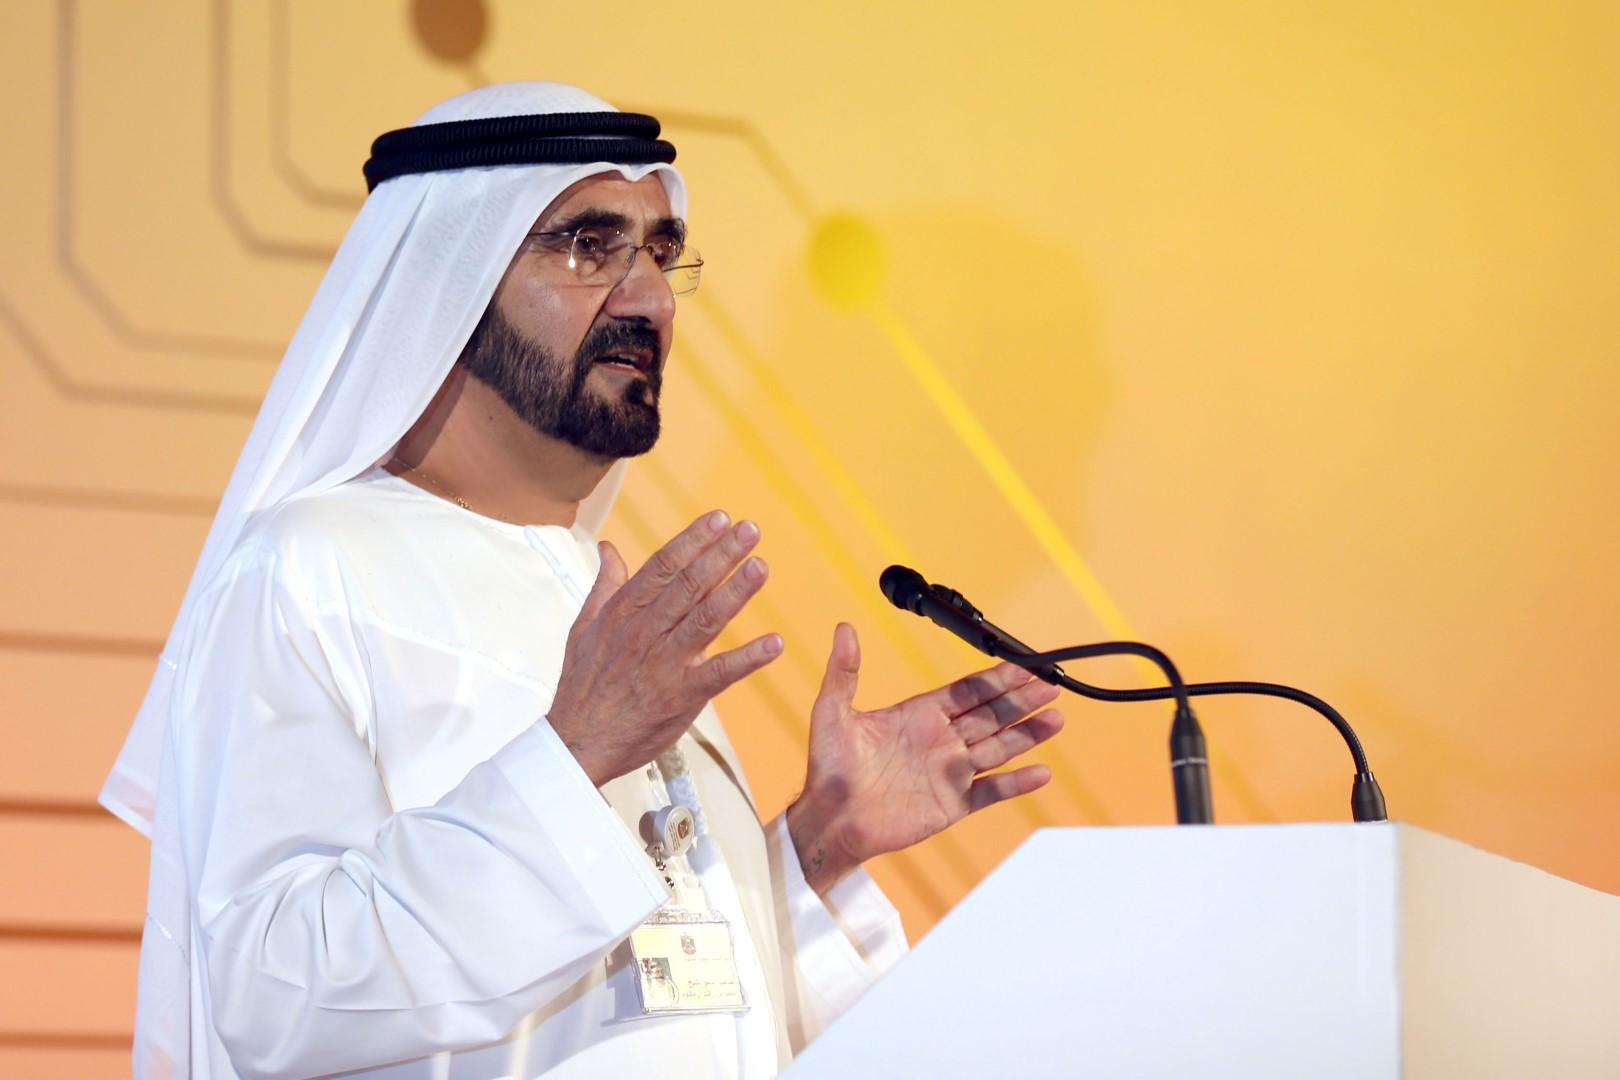 محمد بن راشد يوجه بتقييم أكثر من 1300 خدمة رقمية تقدمها الحكومة الاتحادية